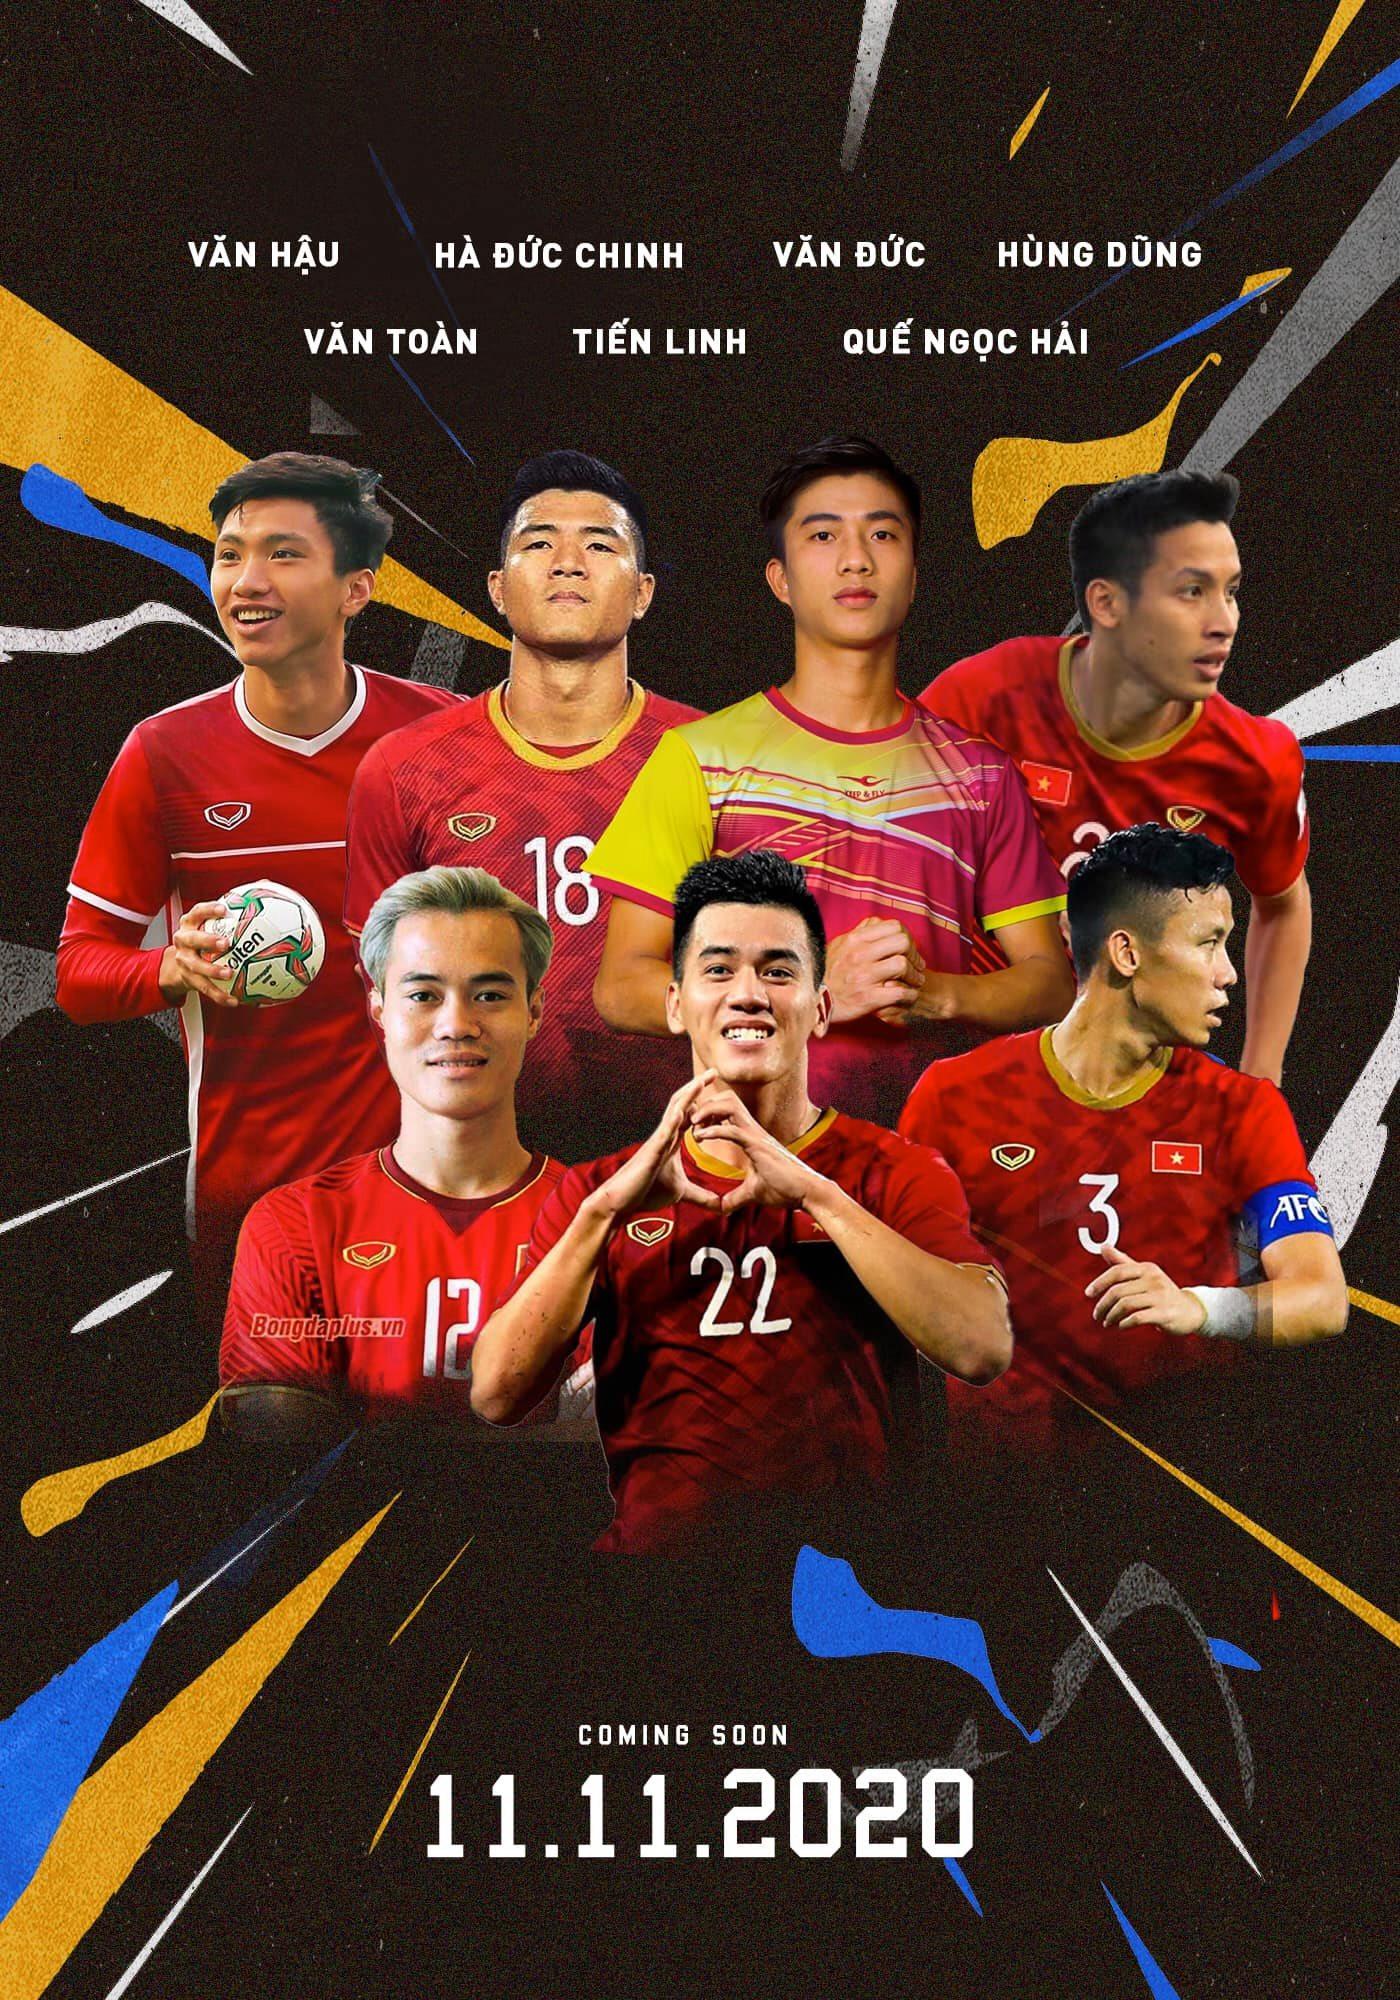 Dàn cầu thủ, nghệ sĩ nổi tiếng sẽ xuất hiện trong trận đấu gây quỹ vào 11/11 tới